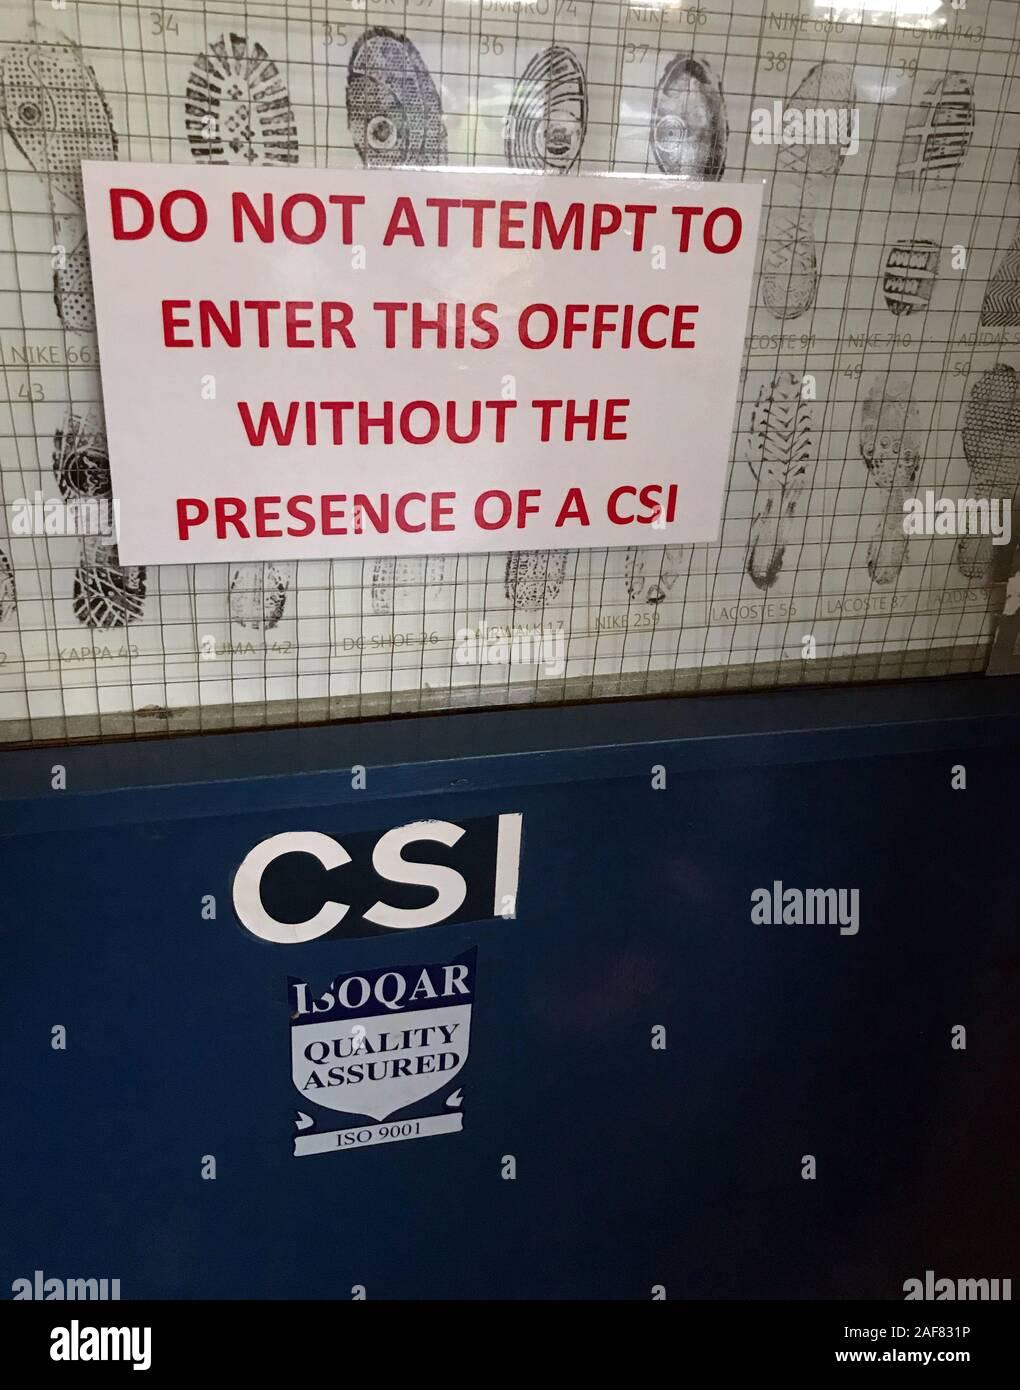 Dieses Stockfoto: CSI - Crime Scene Investigation Team, Warrington, Cheshire Constabulary, Nordwestengland, Großbritannien - 2AF831